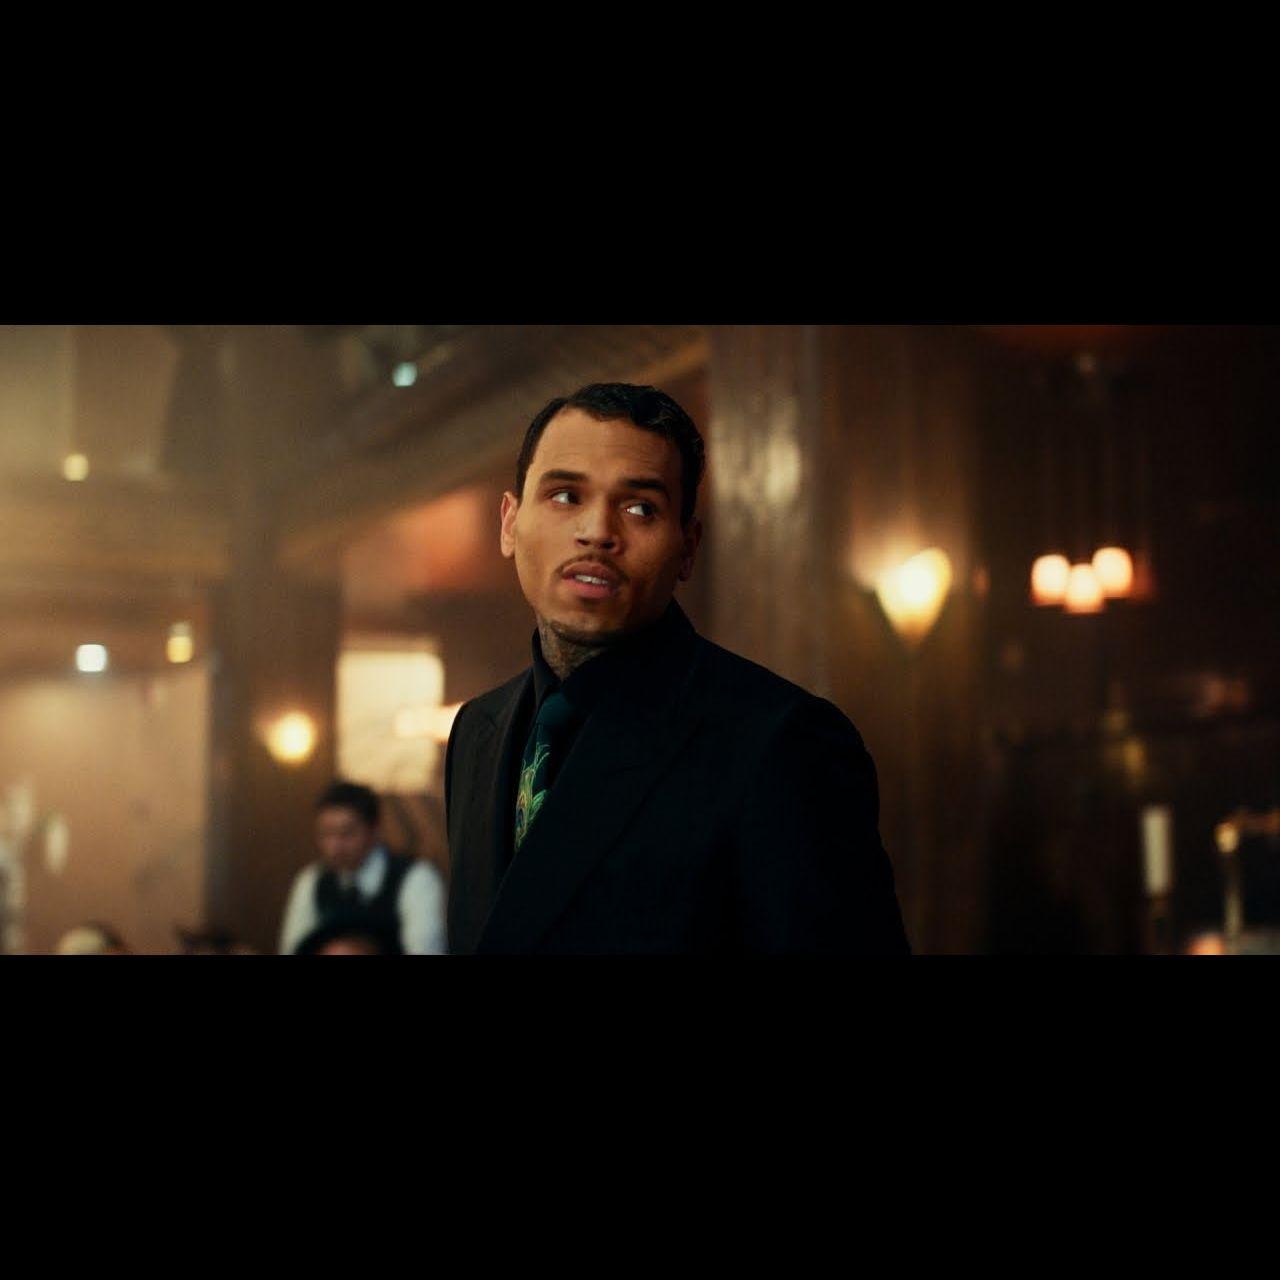 Chris Brown and Young Thug - City Girls (Thumbnail)